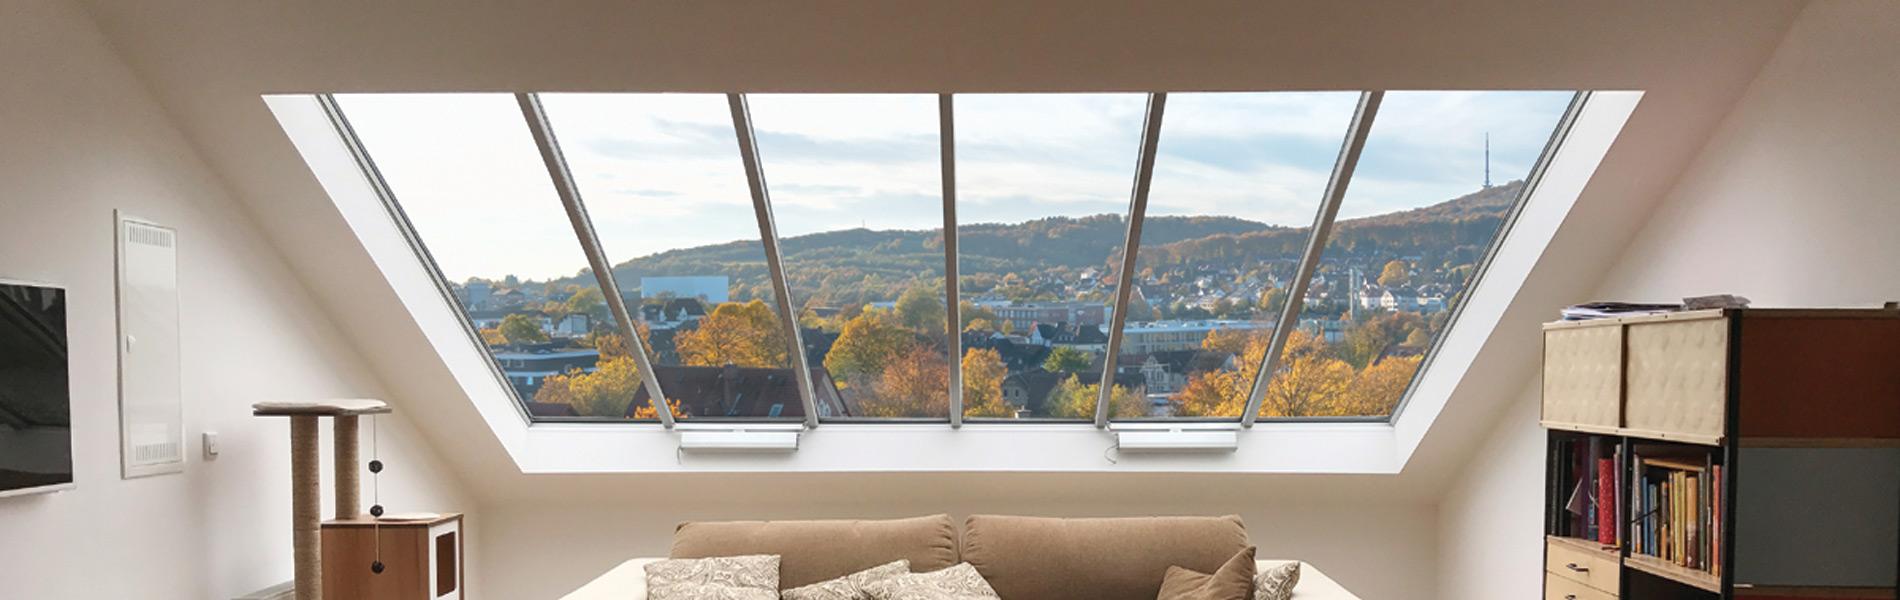 Panoramafenster - bis zu 3 m² je Glaseinheit sind möglich